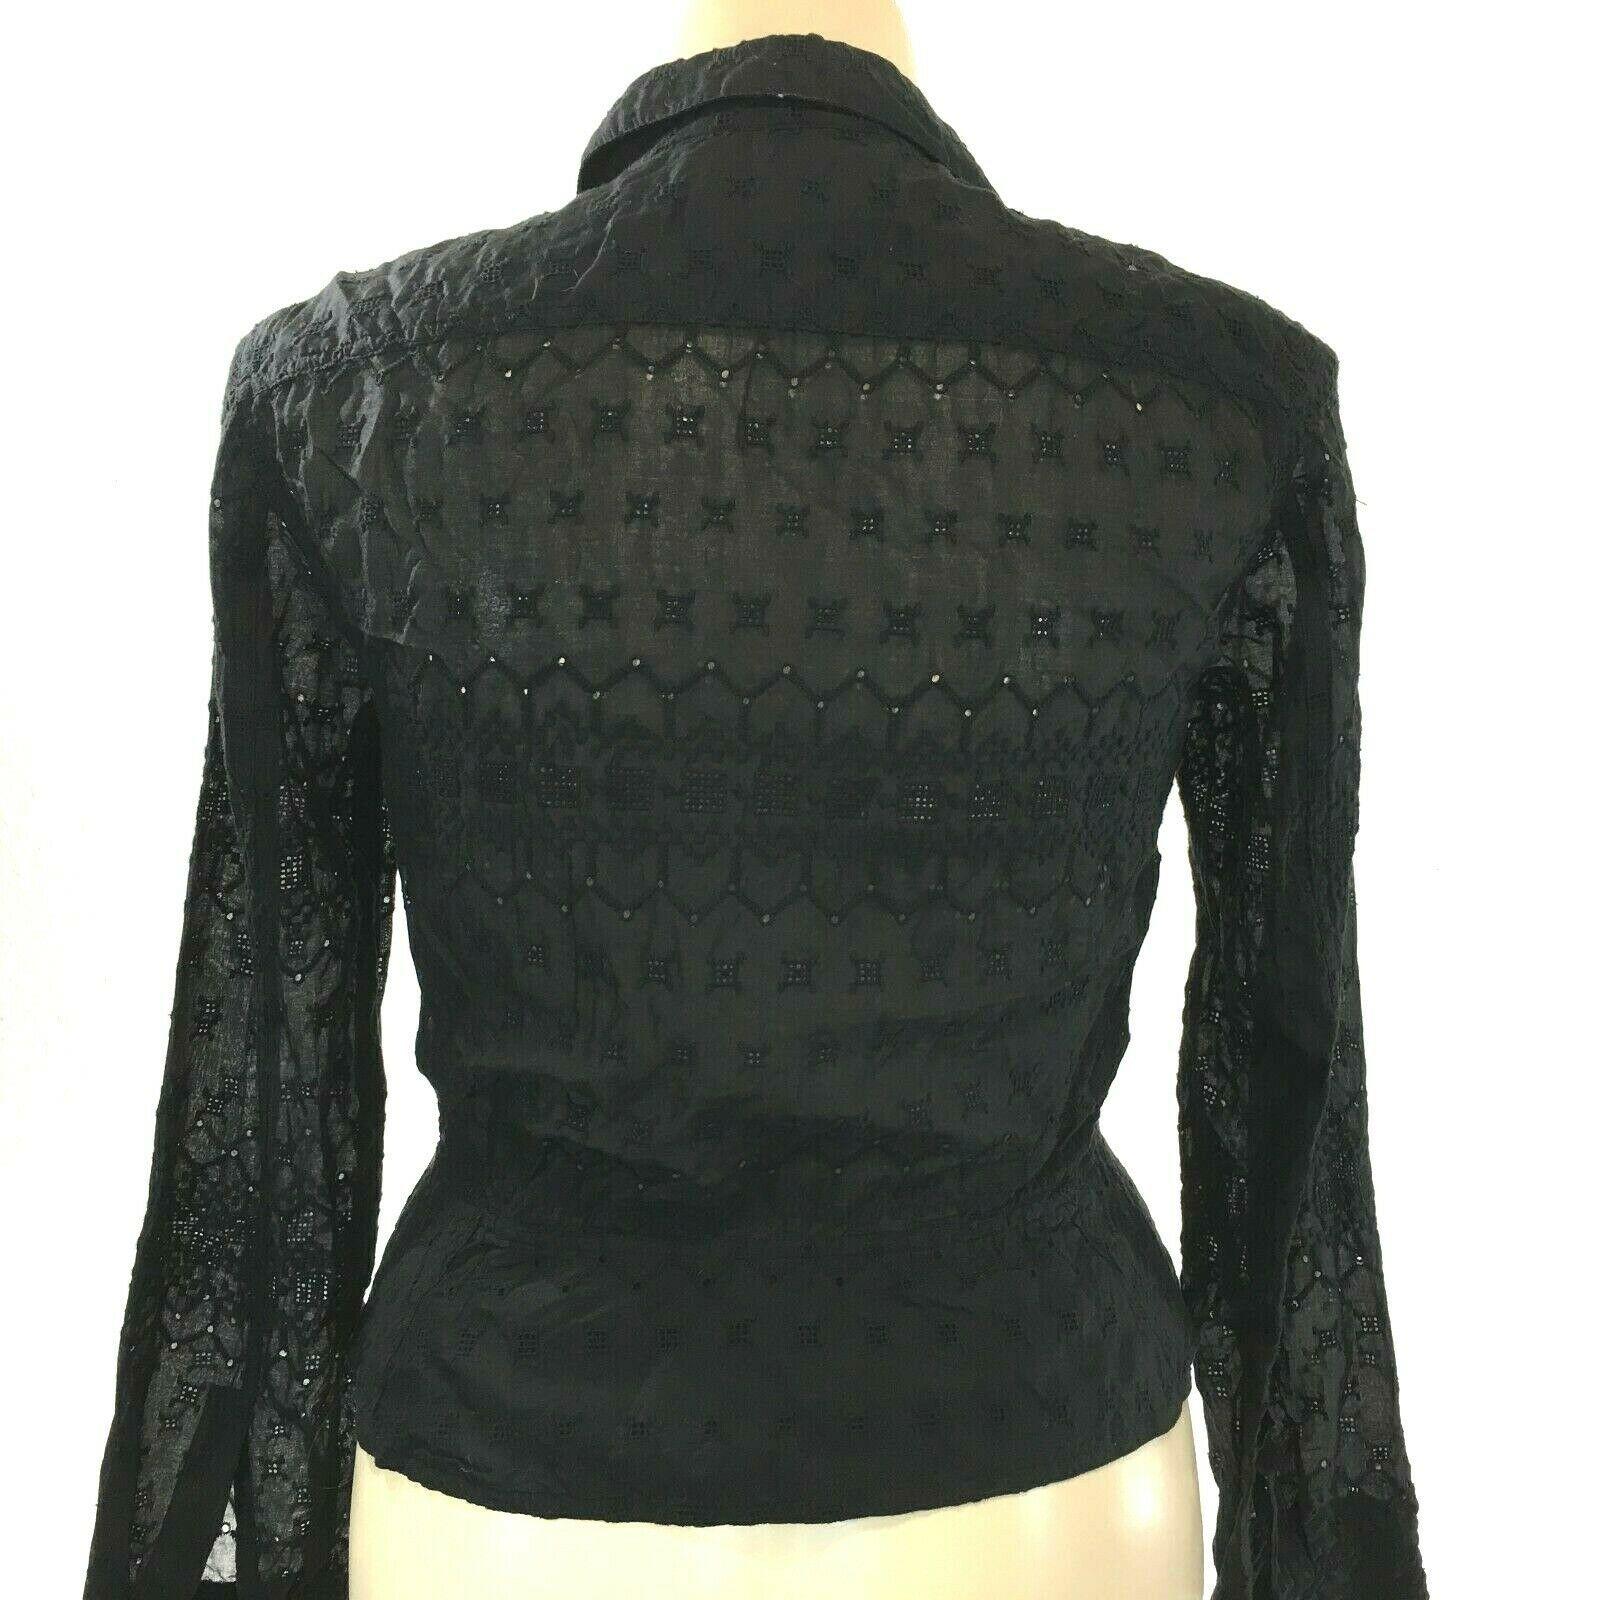 Calvin Klein 14 Large Top Button Shirt Black Eyelet Dot Square Texture Peplum LN image 3